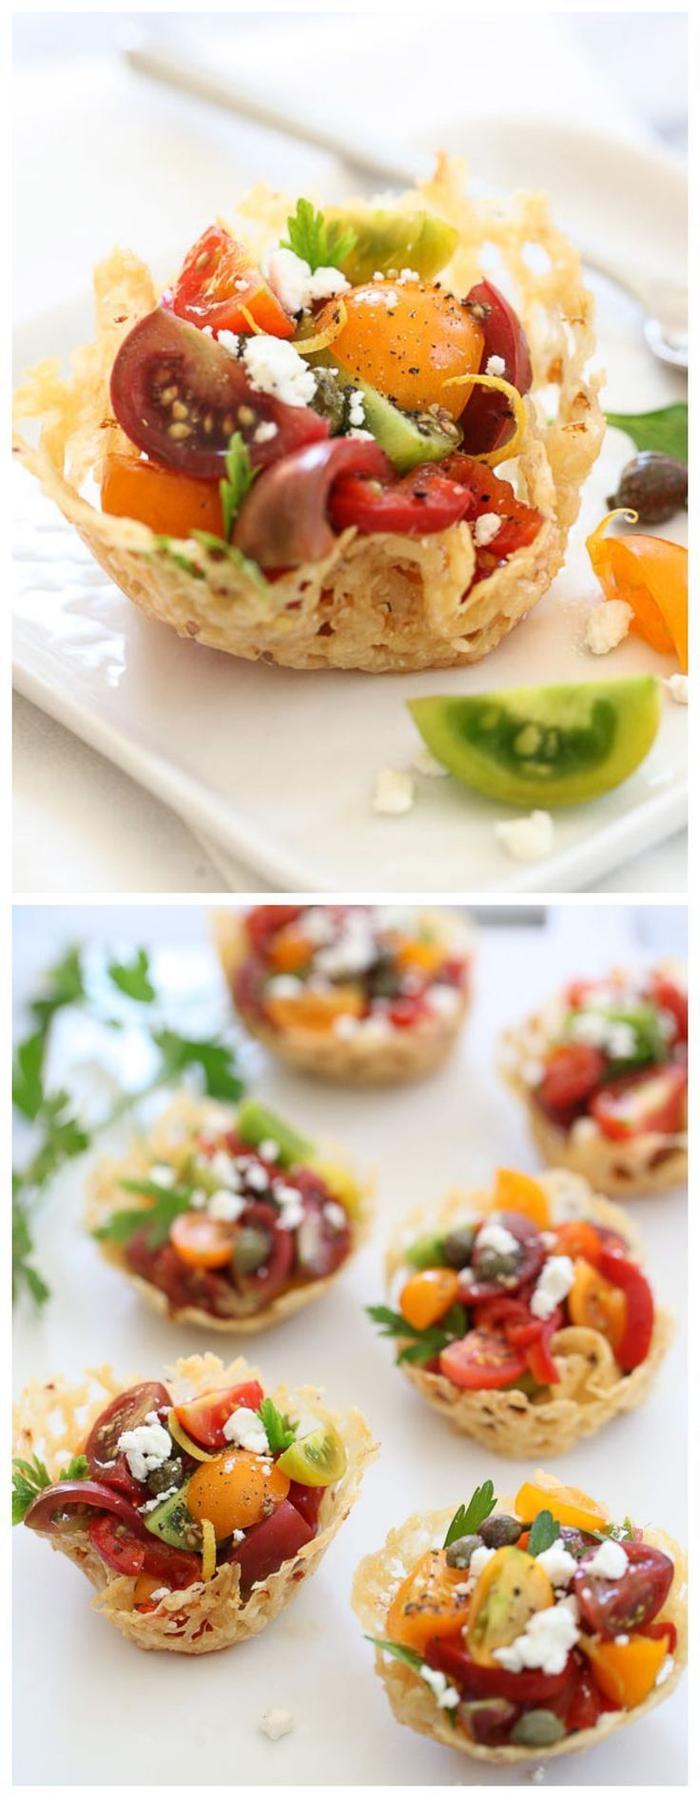 tartaletas saladas con verduras y queso, ideas de entrantes para sorprender a tus invitados, aperitivos vegetarianos